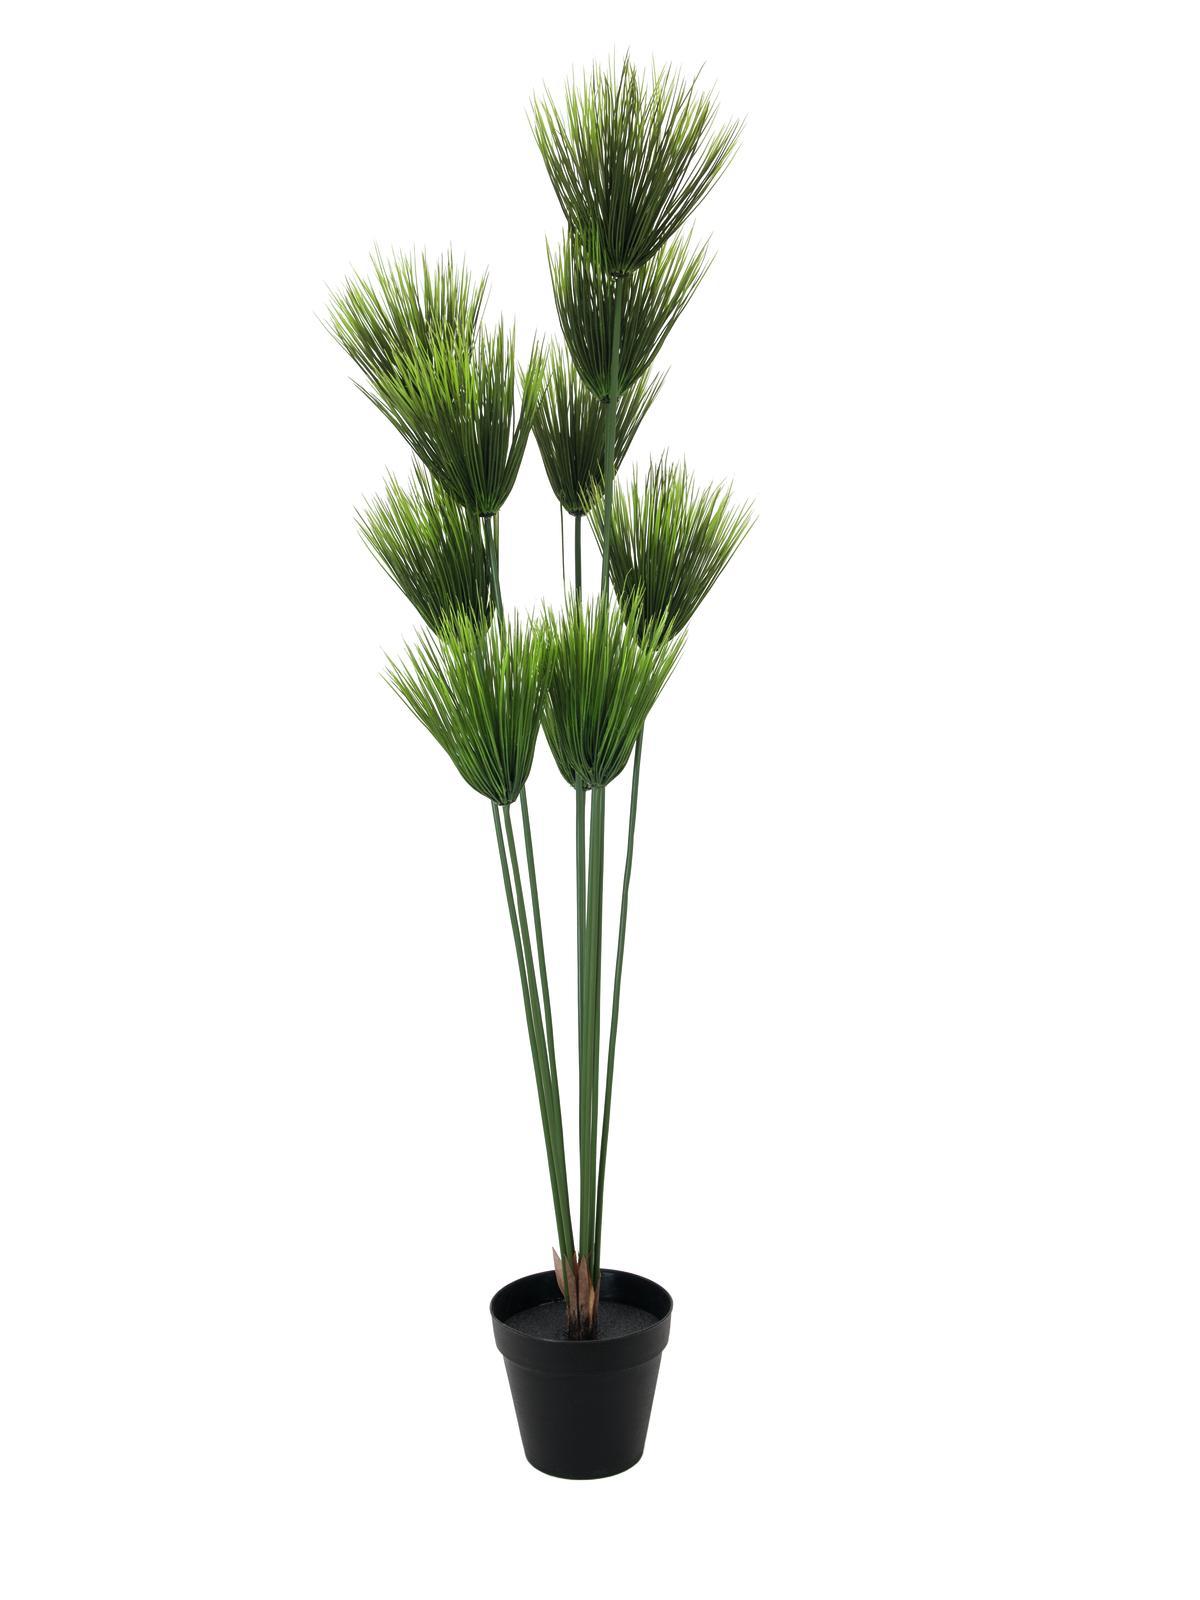 Billede af Kunstig Payrus plante, 150cm